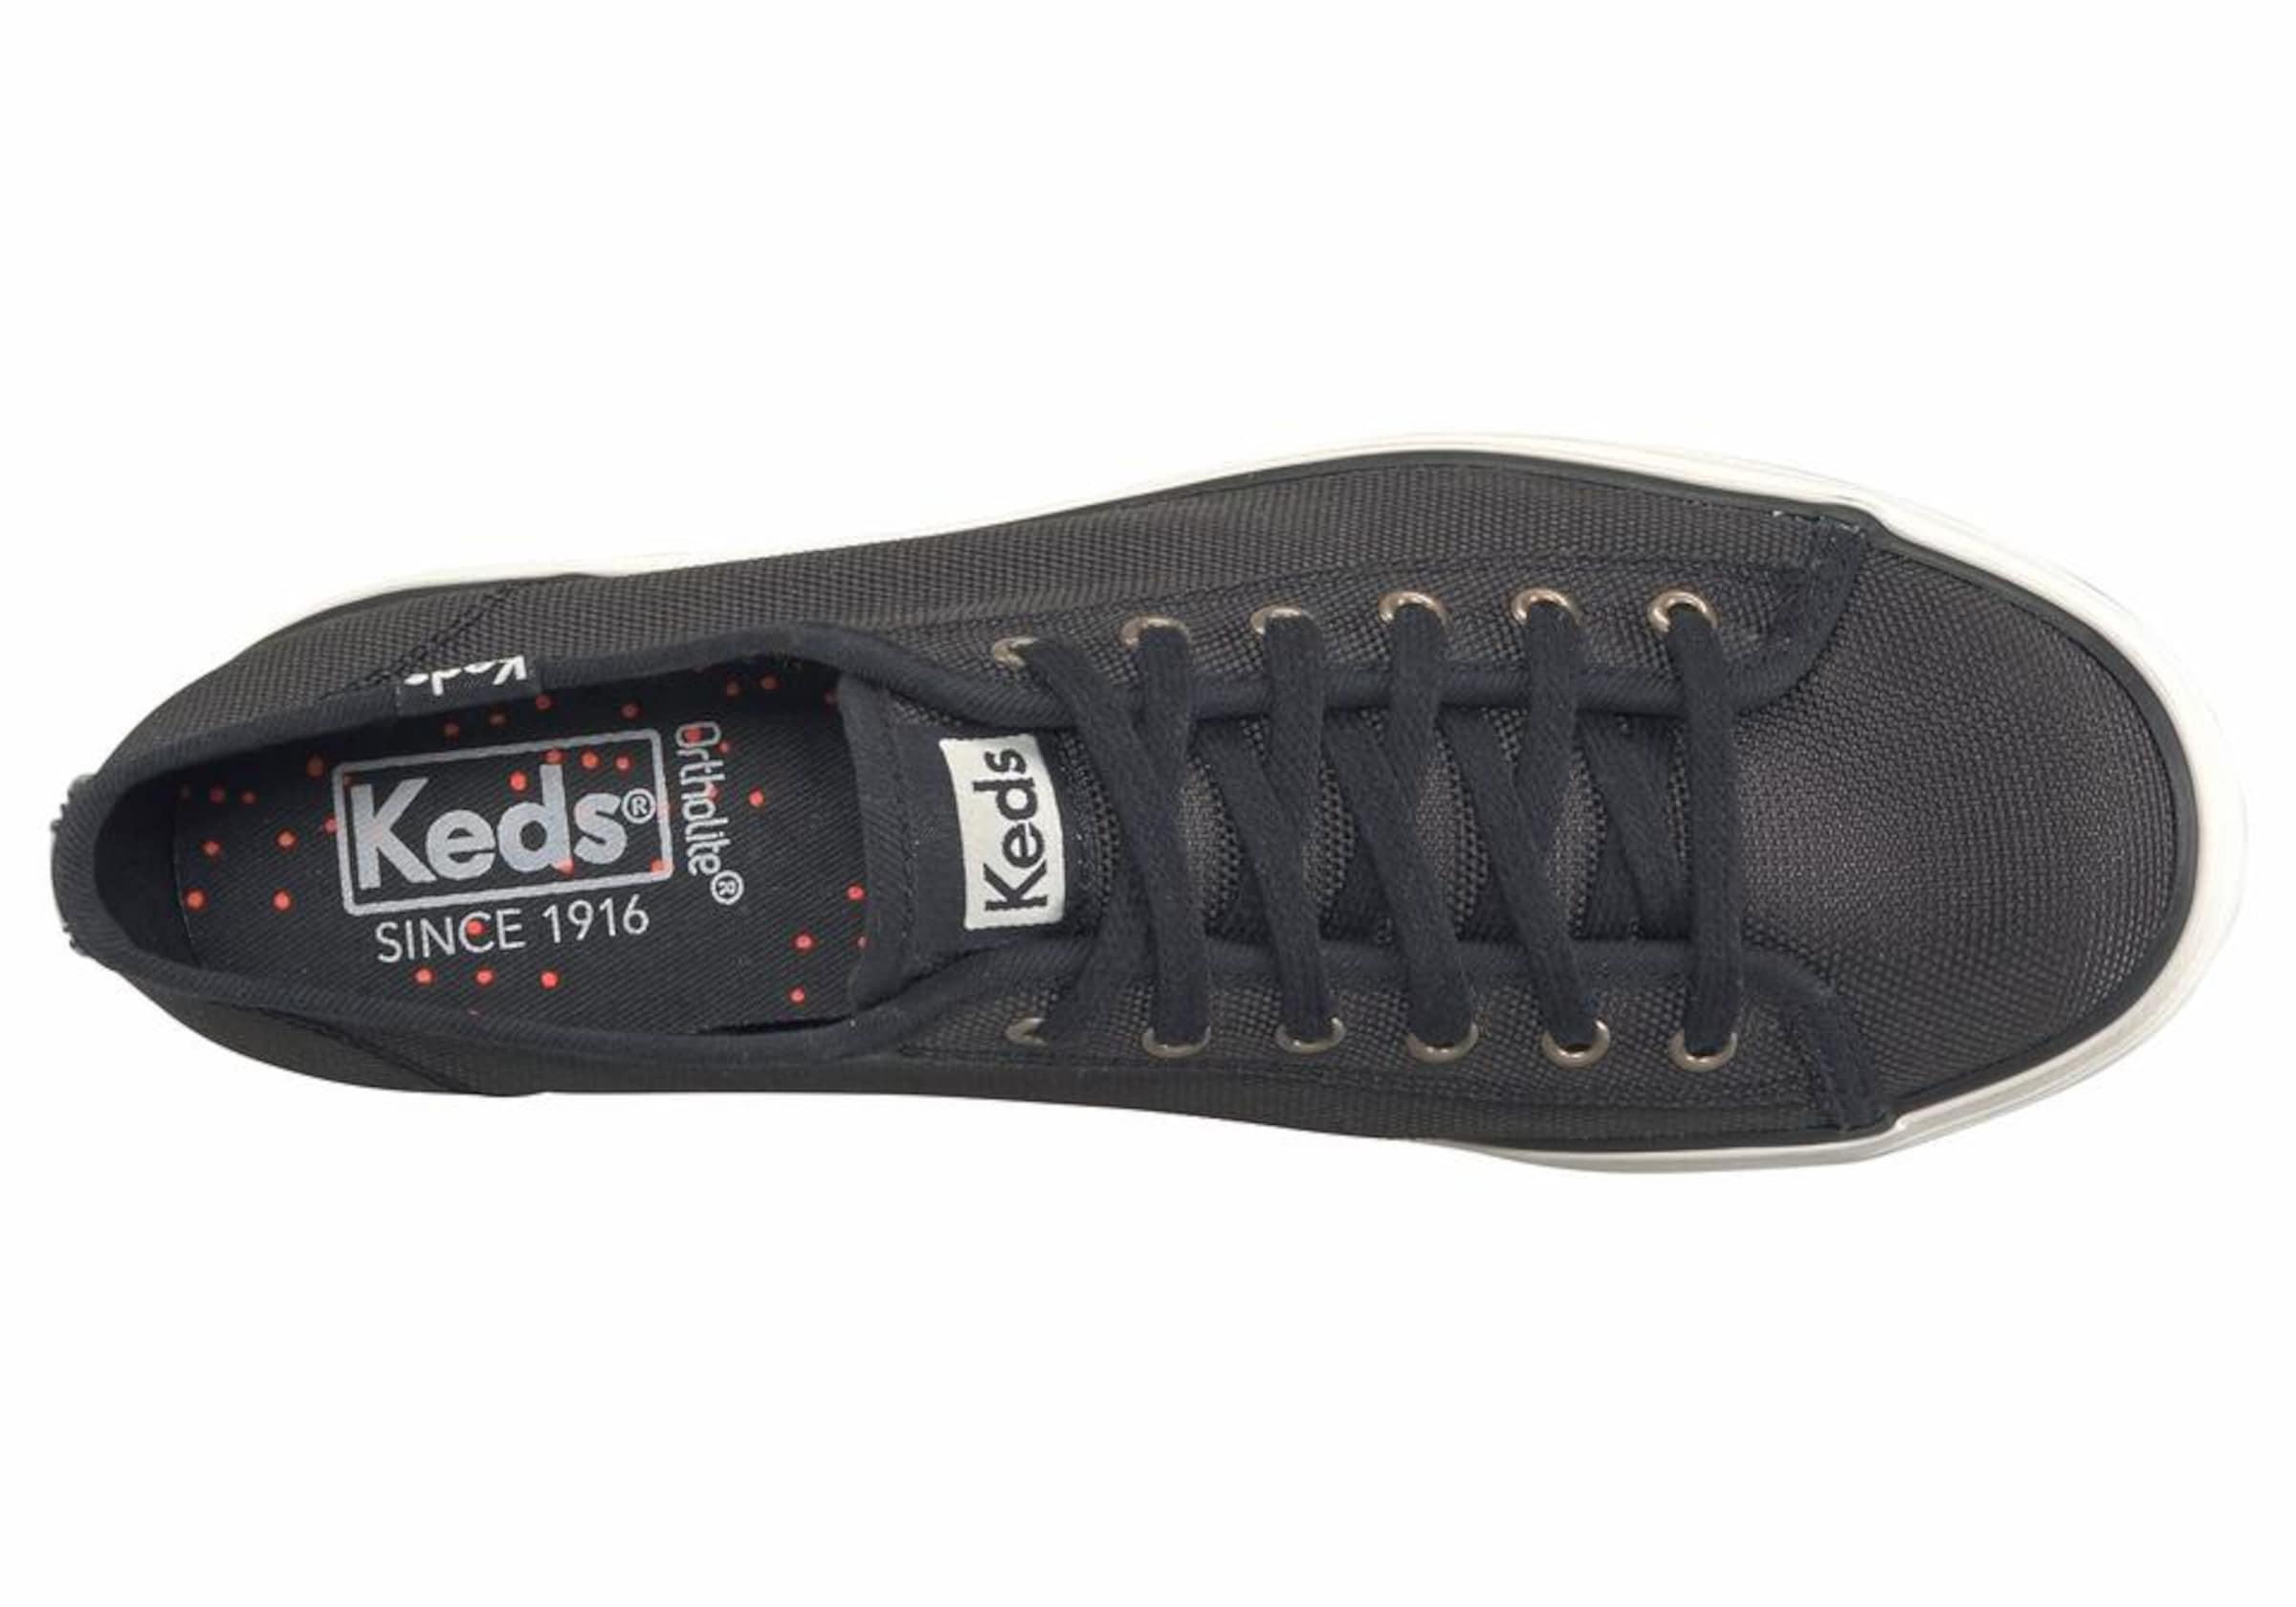 Vorbestellung Für Verkauf Strapazierfähiges KEDS Plateausneaker 'Triple Kick Shine' Modestil Günstig Kaufen Gefälschte pps1k8M9